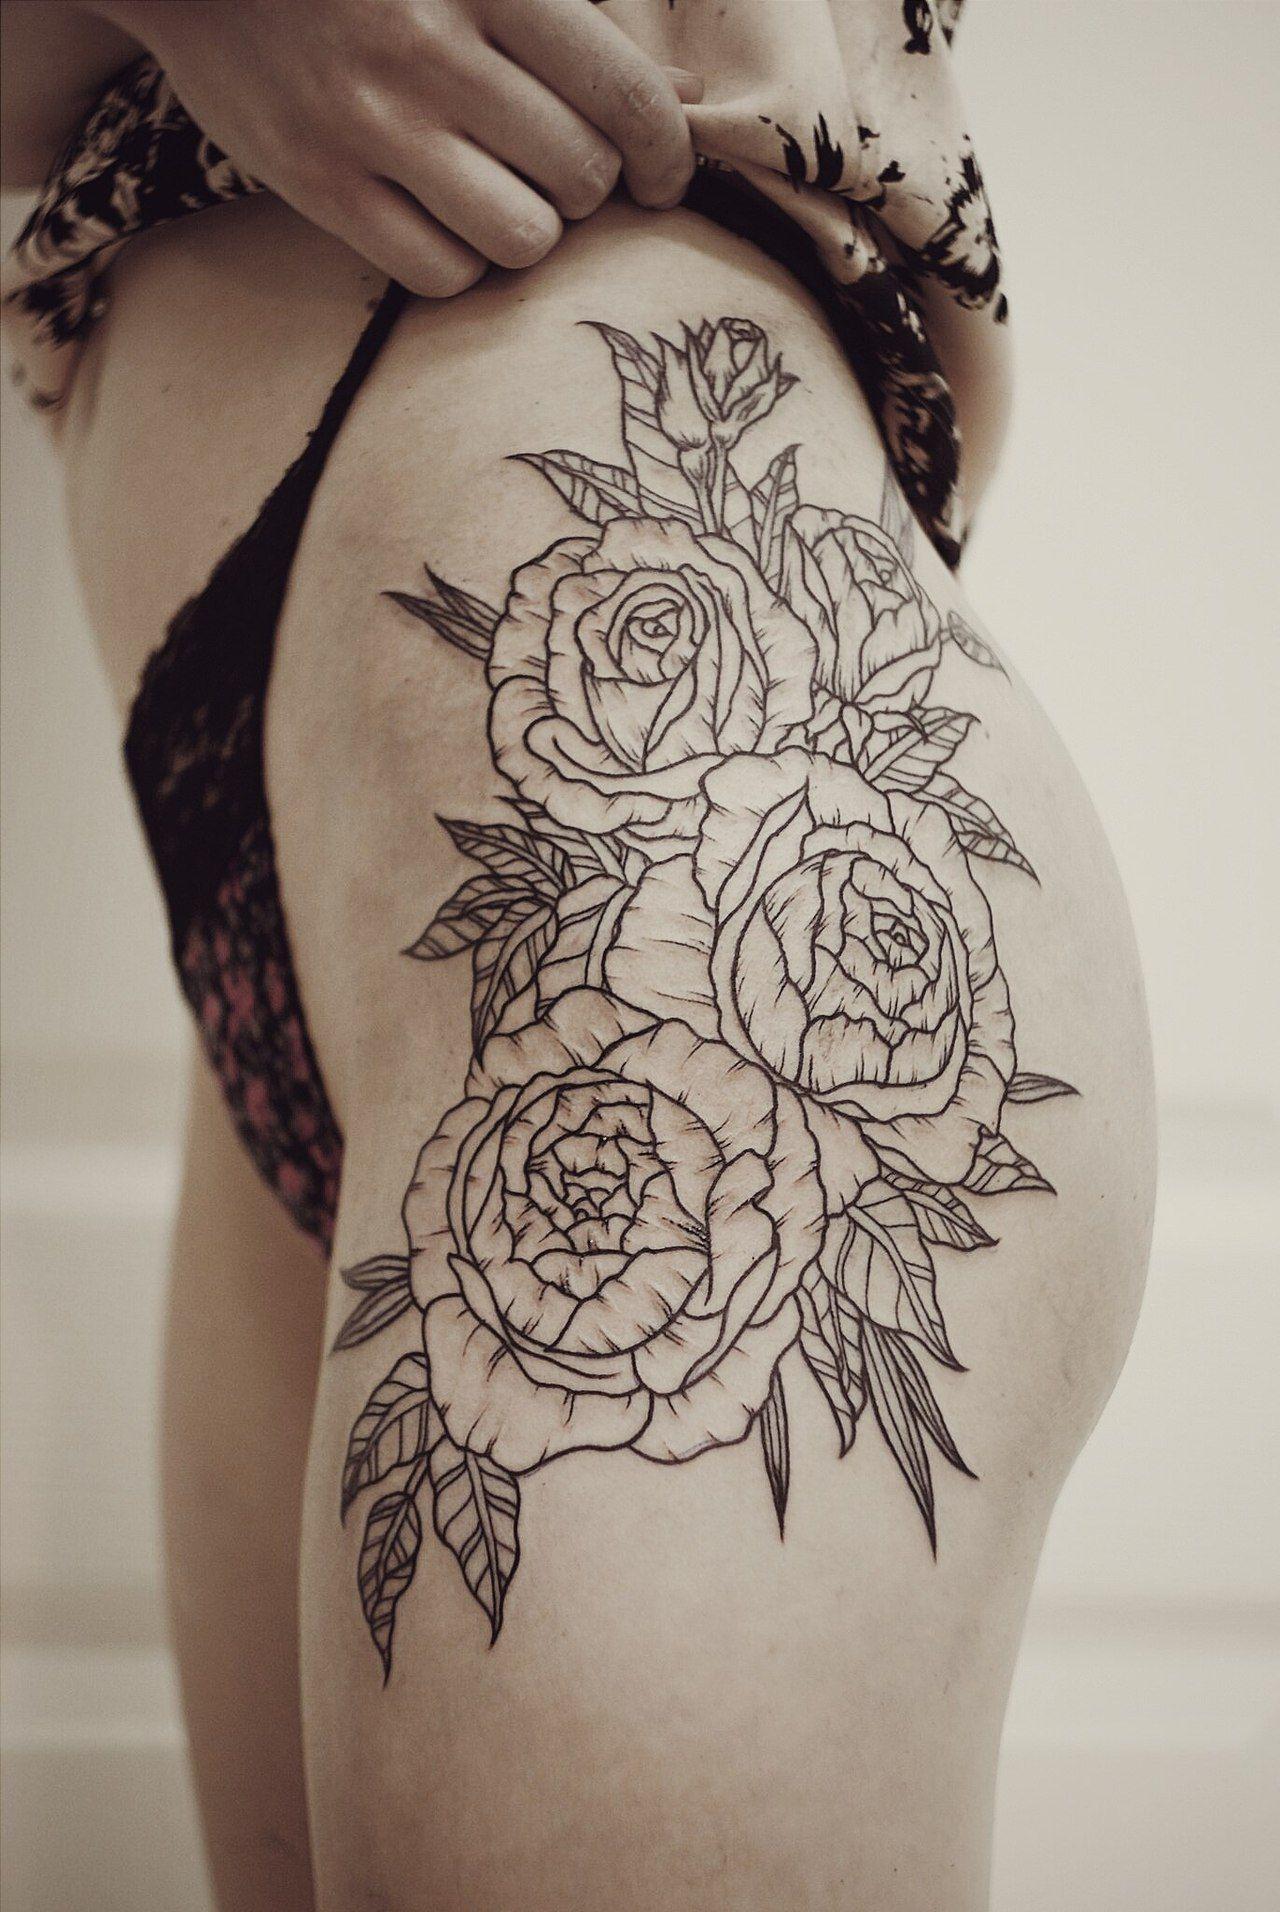 Floral Hip Thigh Piece Floral Thigh Tattoos Thigh Tattoo Designs Tattoos